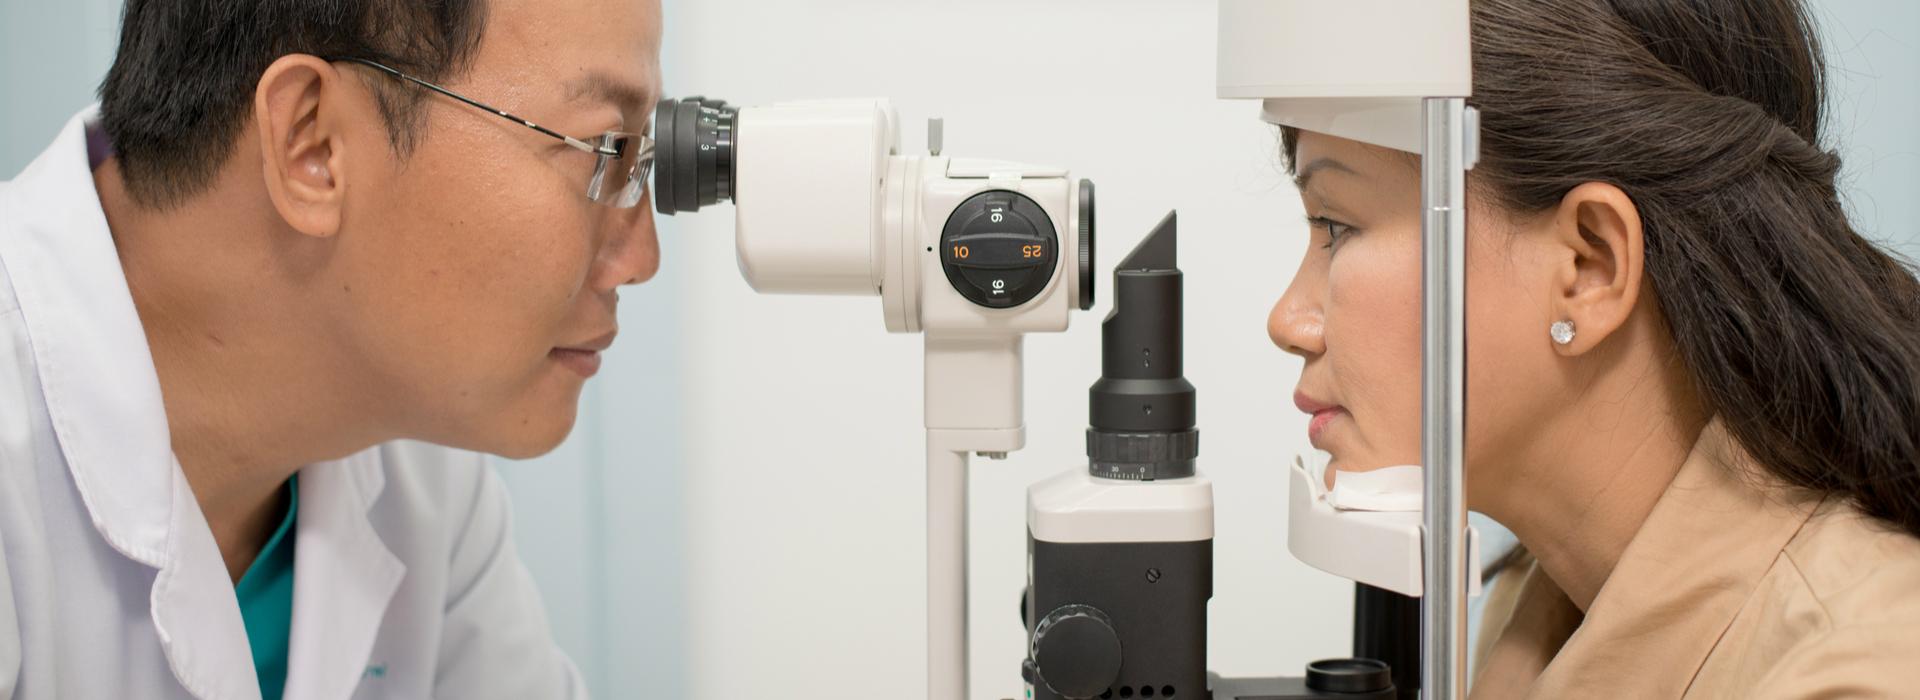 風濕藥物恐致眼睛病變 定期檢查別輕忽